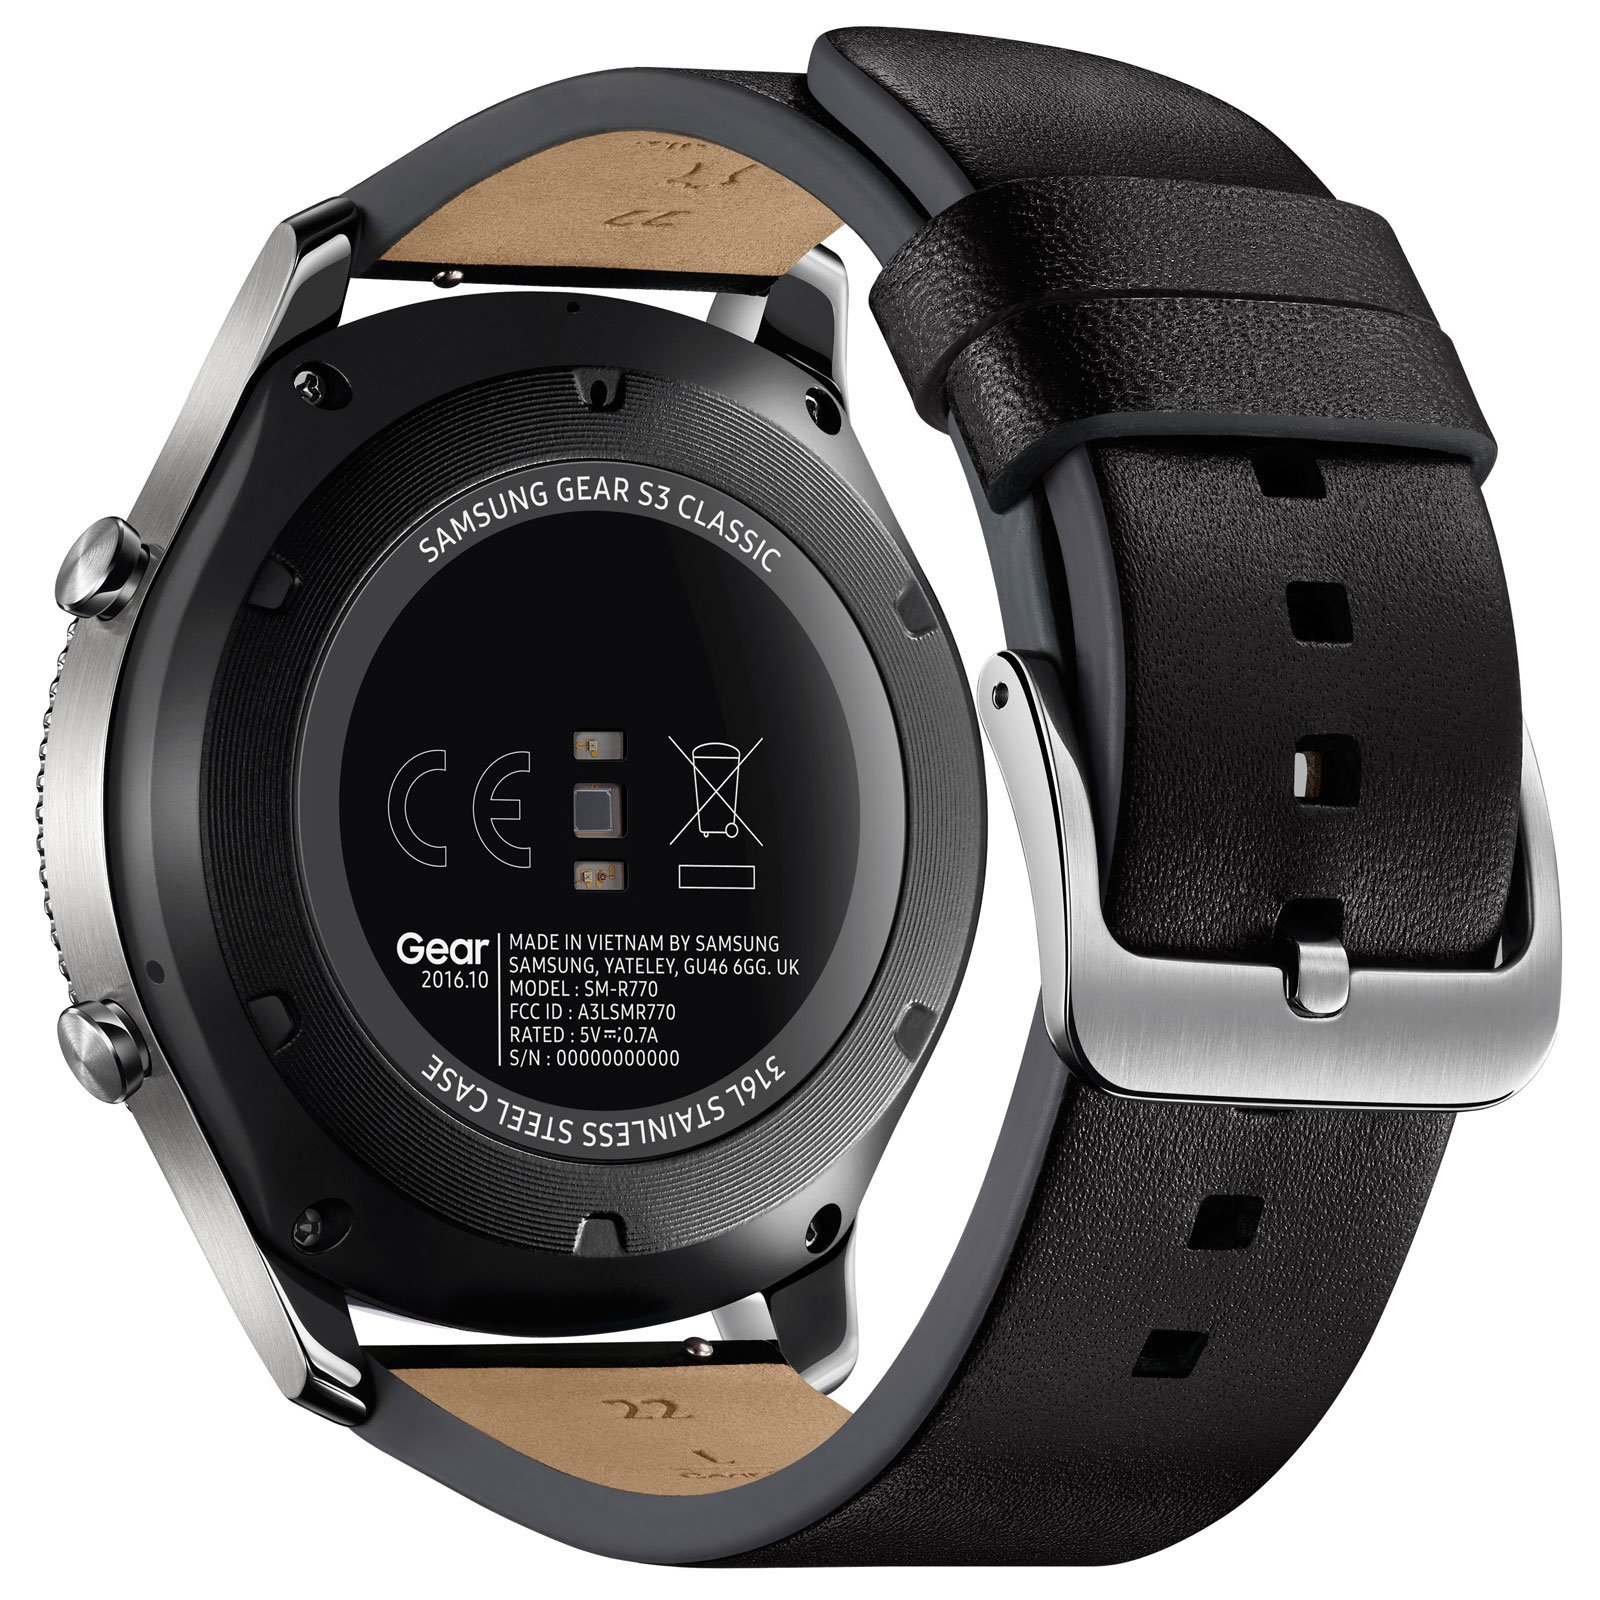 Samsung Gear S3 Classic (SM-R770NZSAXEF) - Achat / Vente Objet connecté / Domotique sur Cybertek.fr - 1